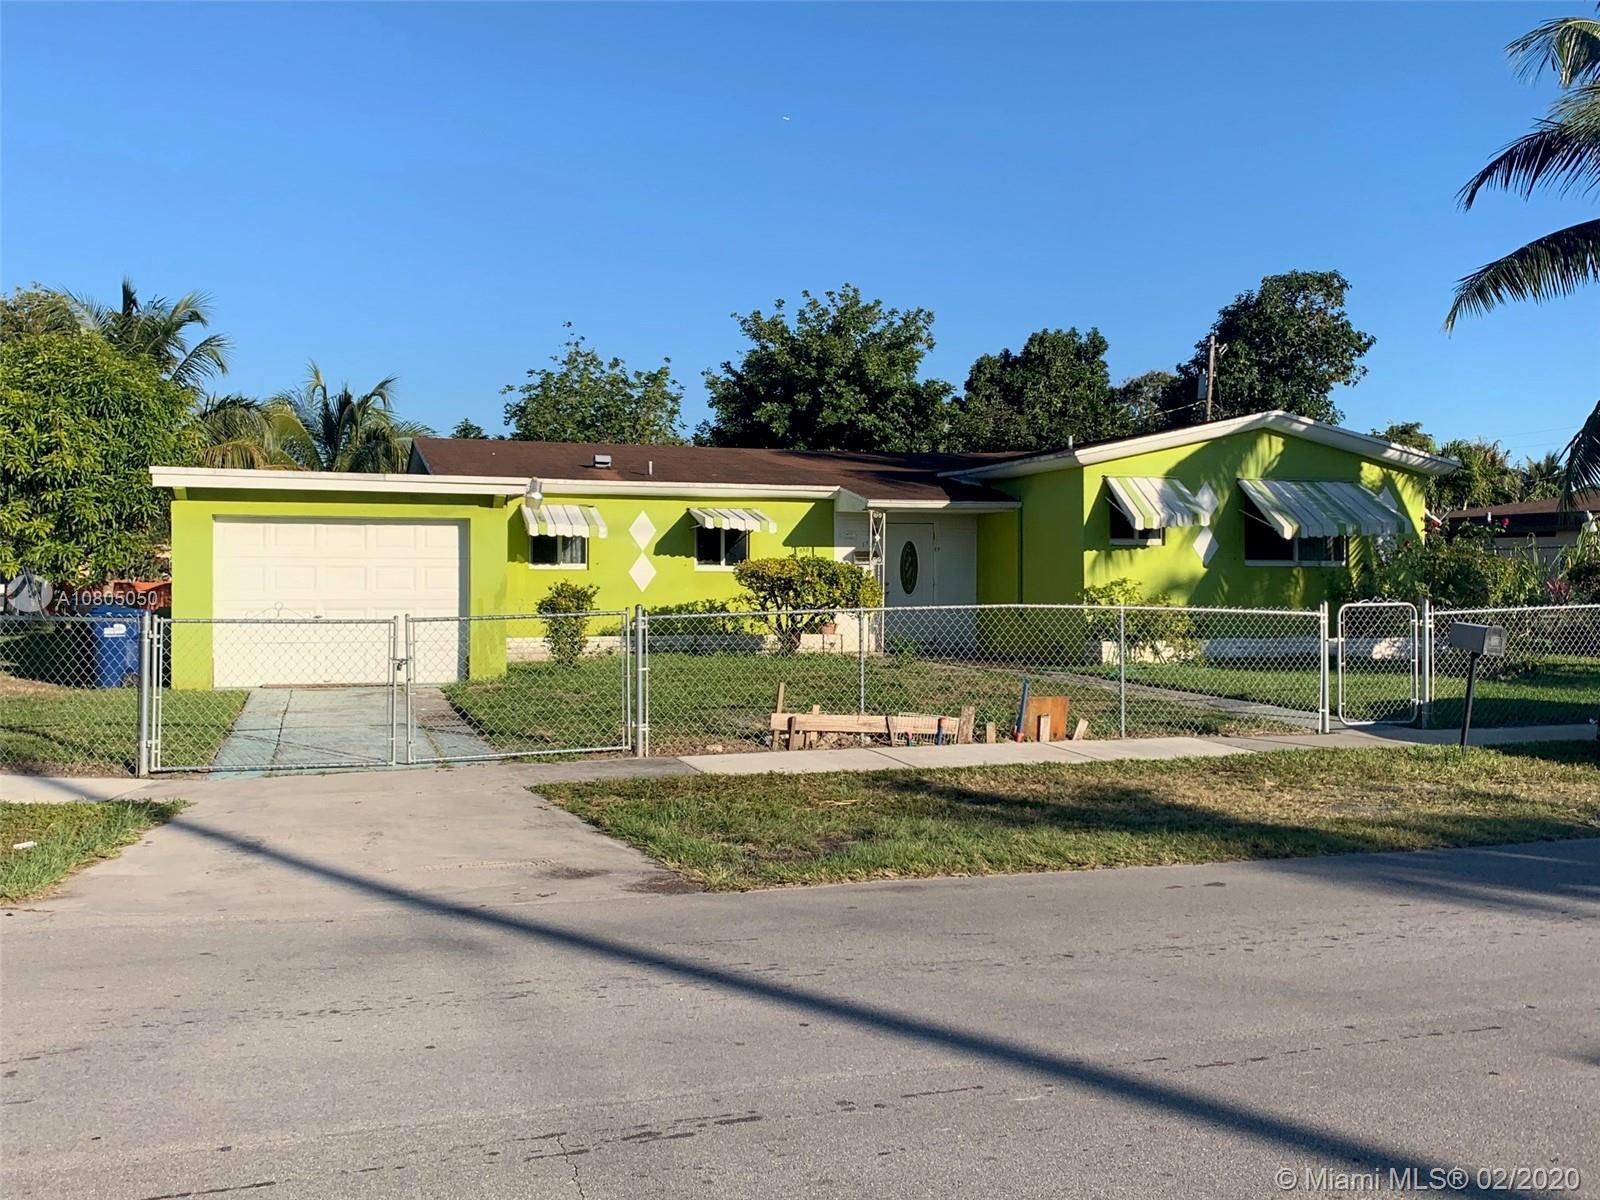 17141 NE 5th Ave, North Miami Beach, FL 33162 - North Miami Beach, FL real estate listing